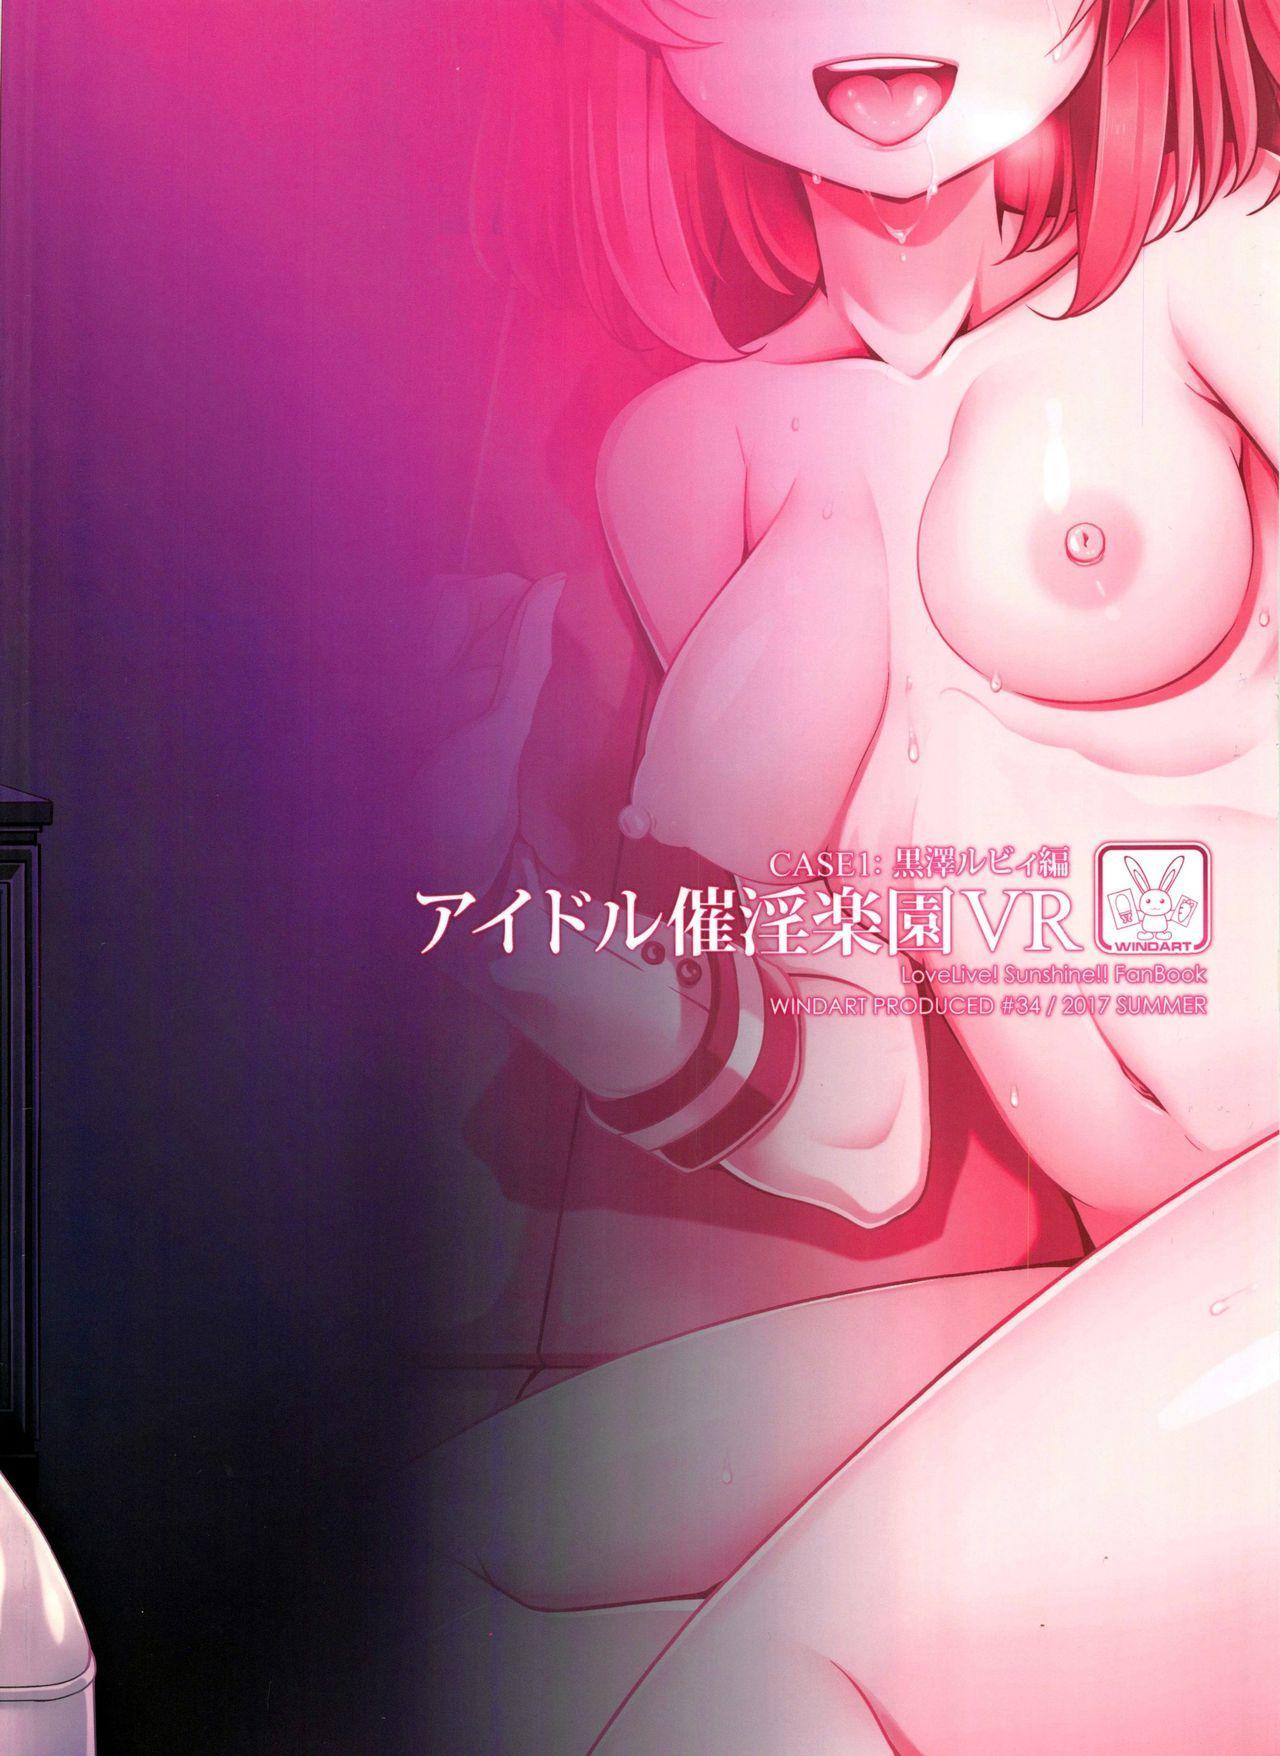 Idol Saiin Rakuen VR CASE1: Kurosawa Ruby 42